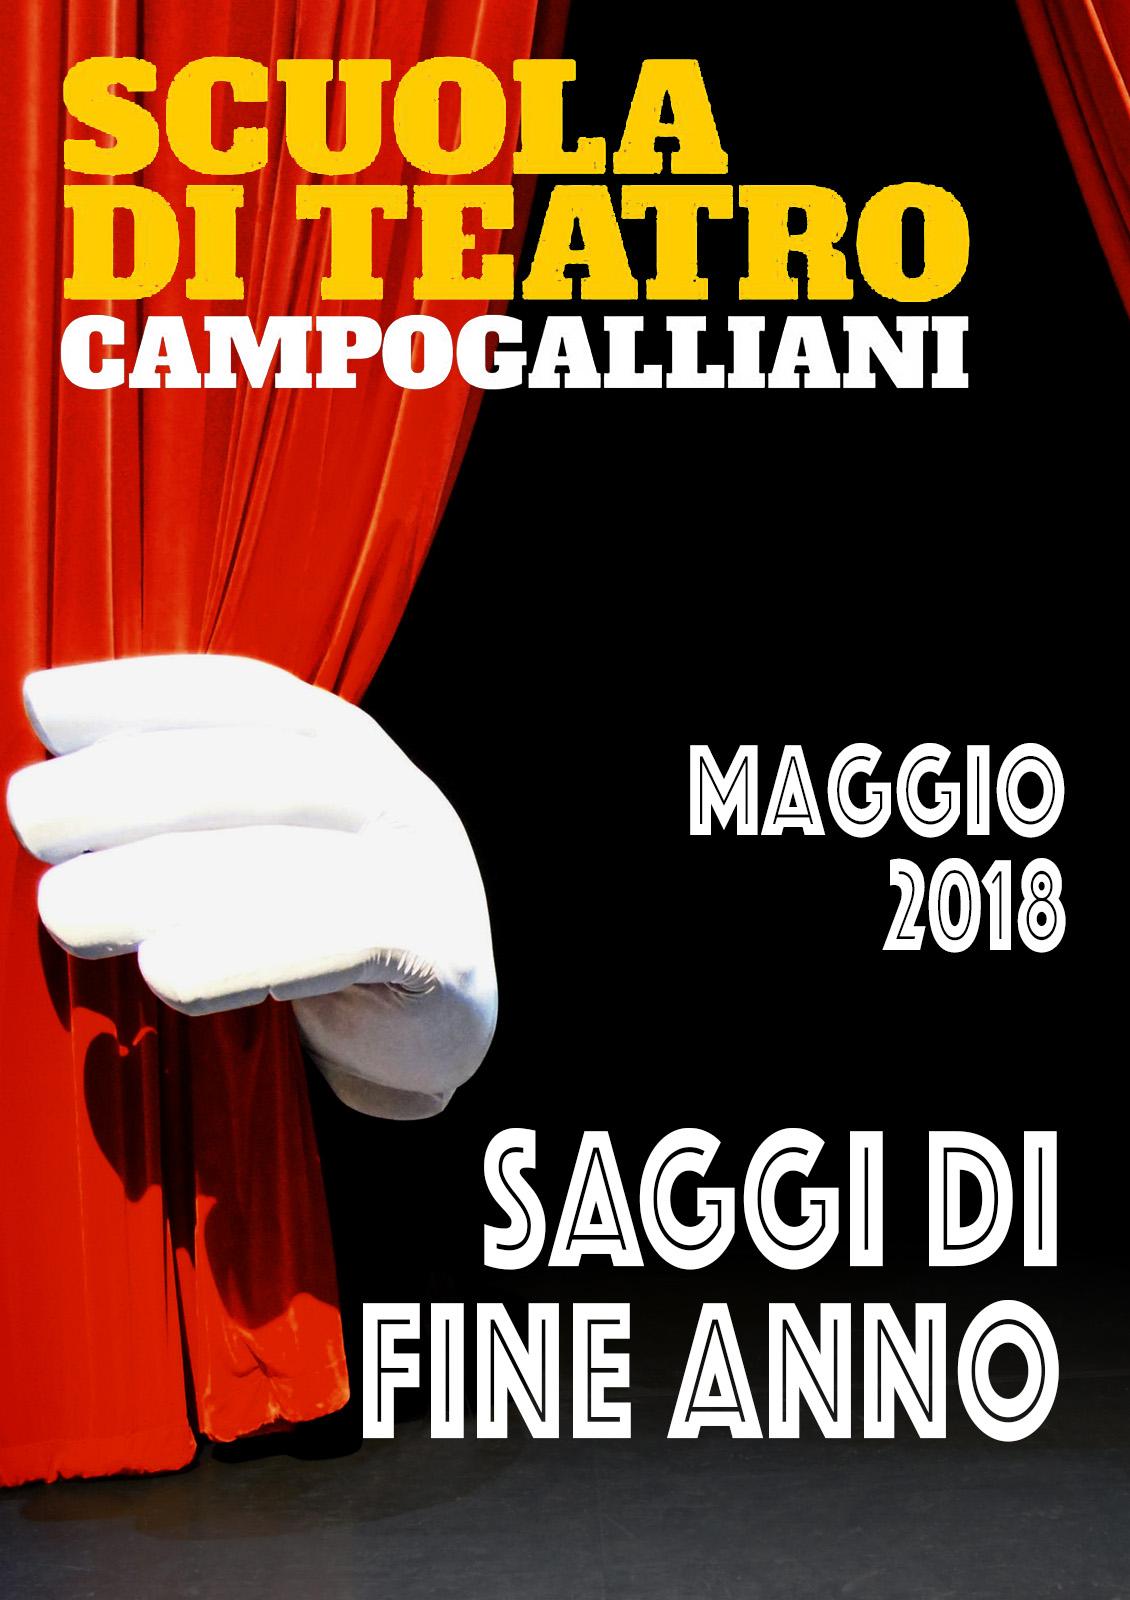 SAGGI SCUOLA DI TEATRO FRANCESCO CAMPOGALLIANI